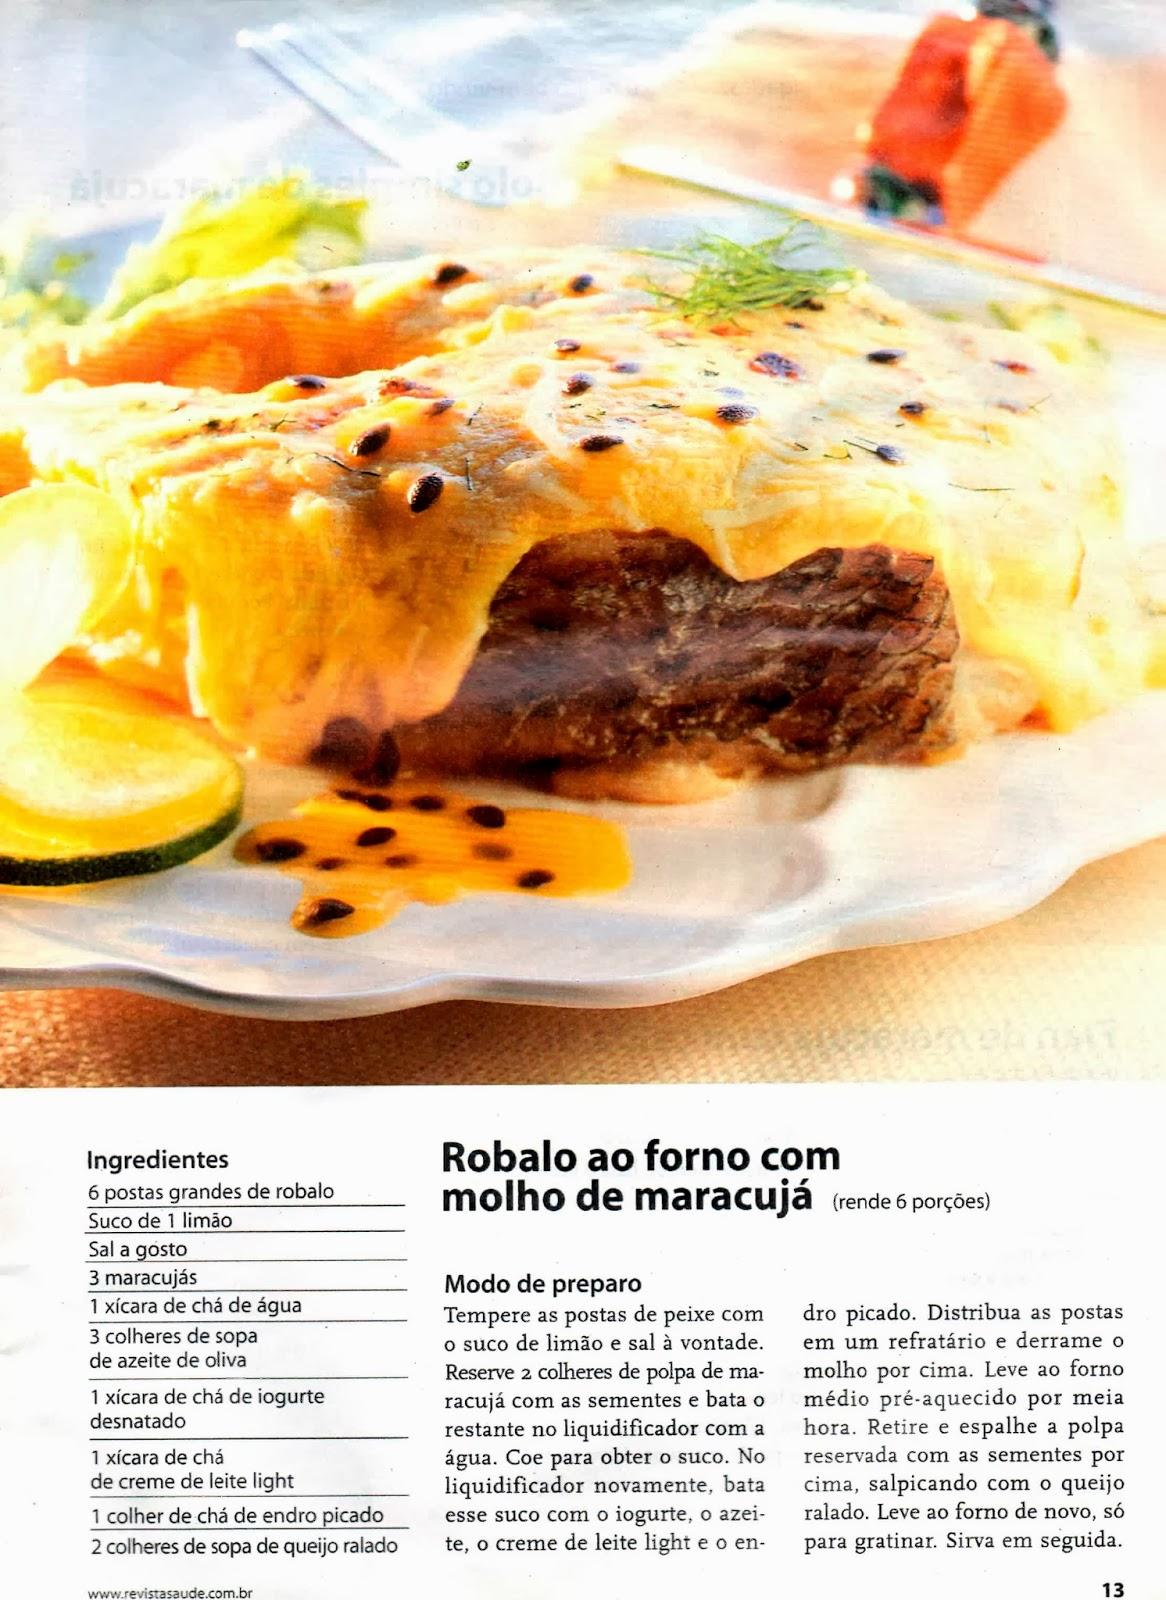 #C49C07 RECEITA CULINÁRIA DE ROBALO COM MOLHO DE MARACUJÁ 1166x1600 px Programa Cozinha Brasil Receitas_3936 Imagens